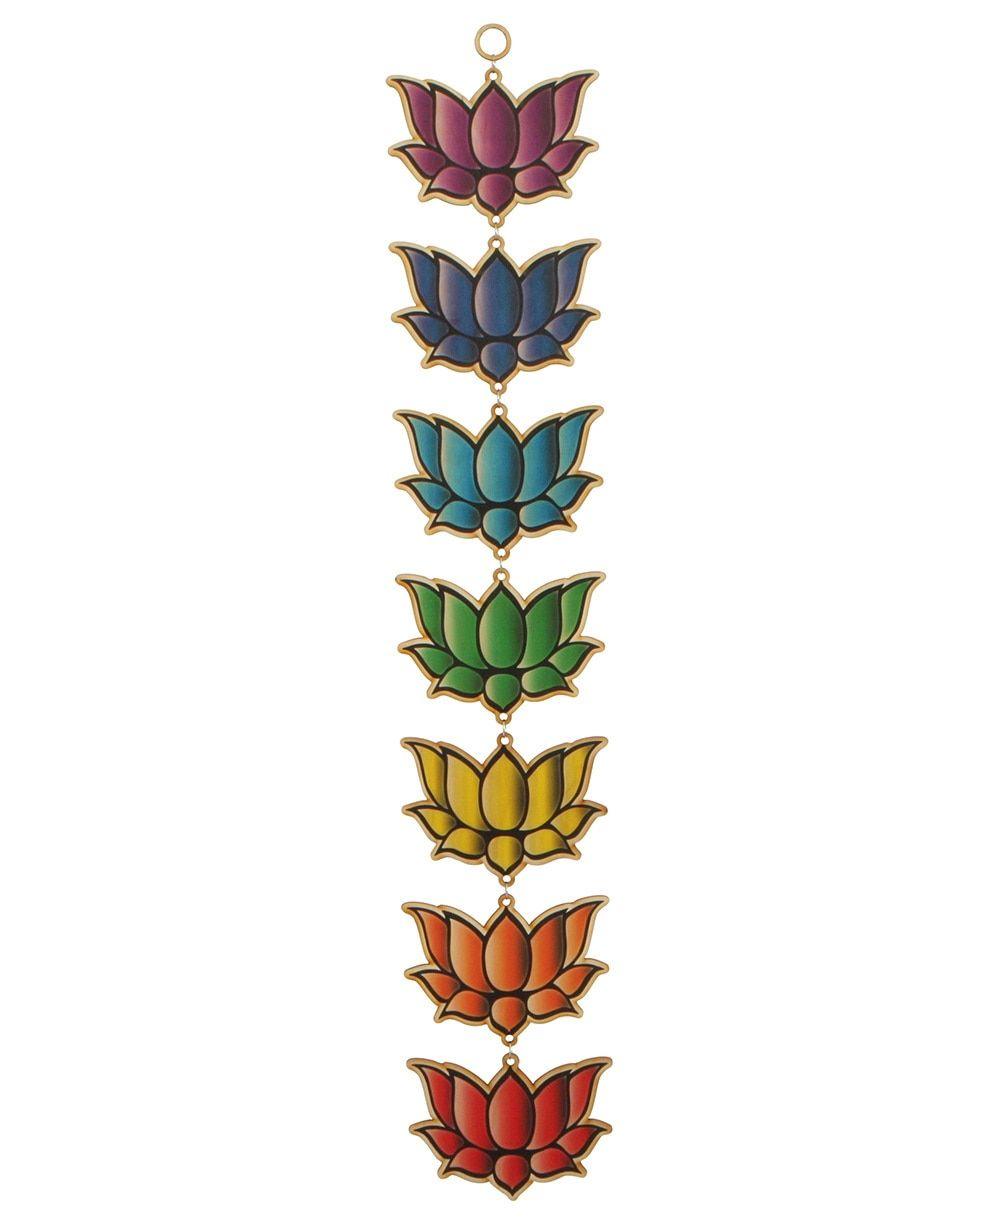 Chakra lotuses wooden wall art usa wooden wall art wooden walls